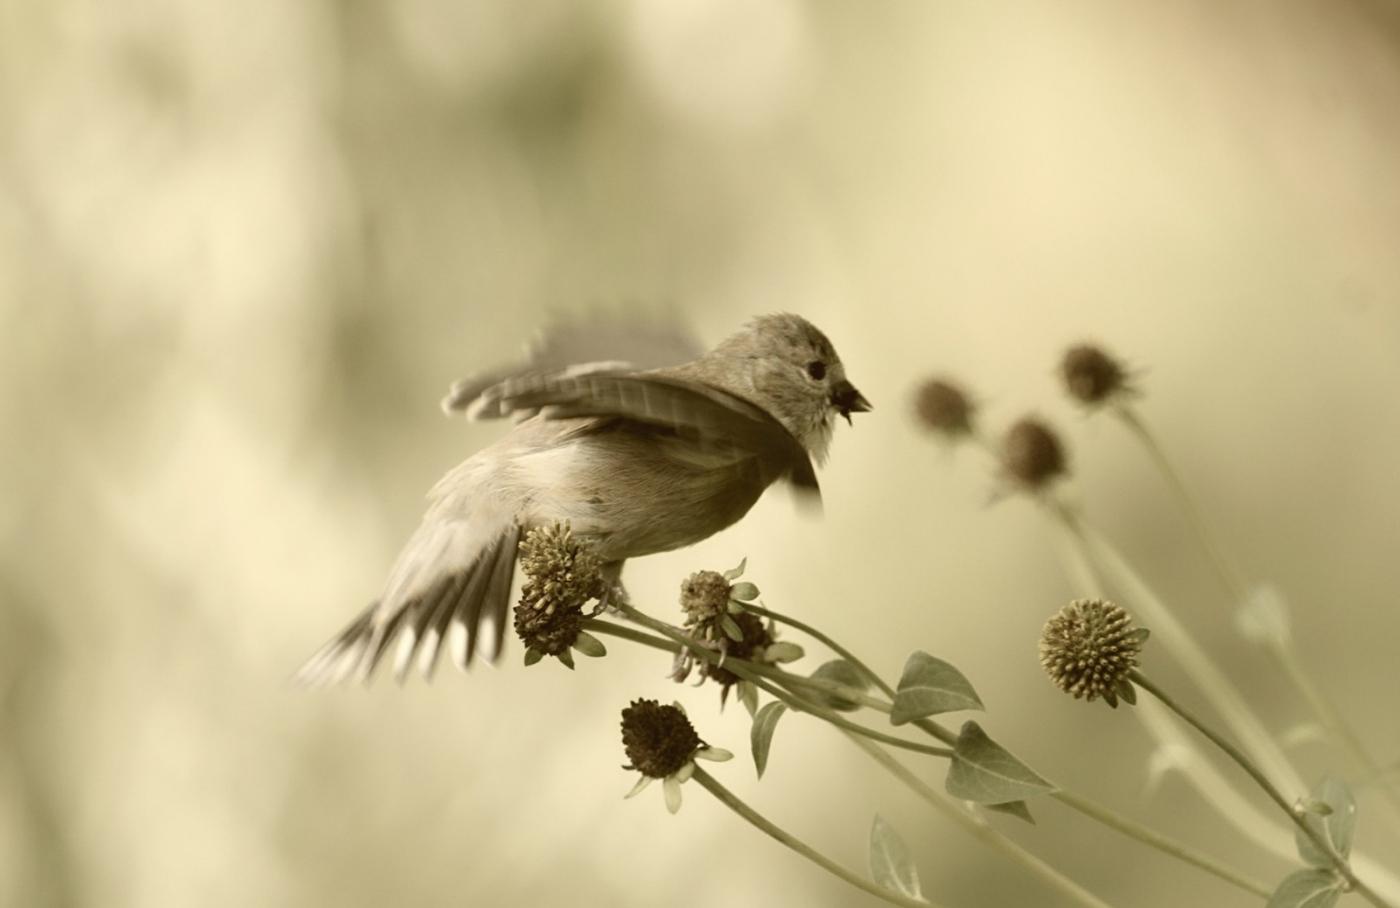 [田螺摄影]金翅鸟_图1-11